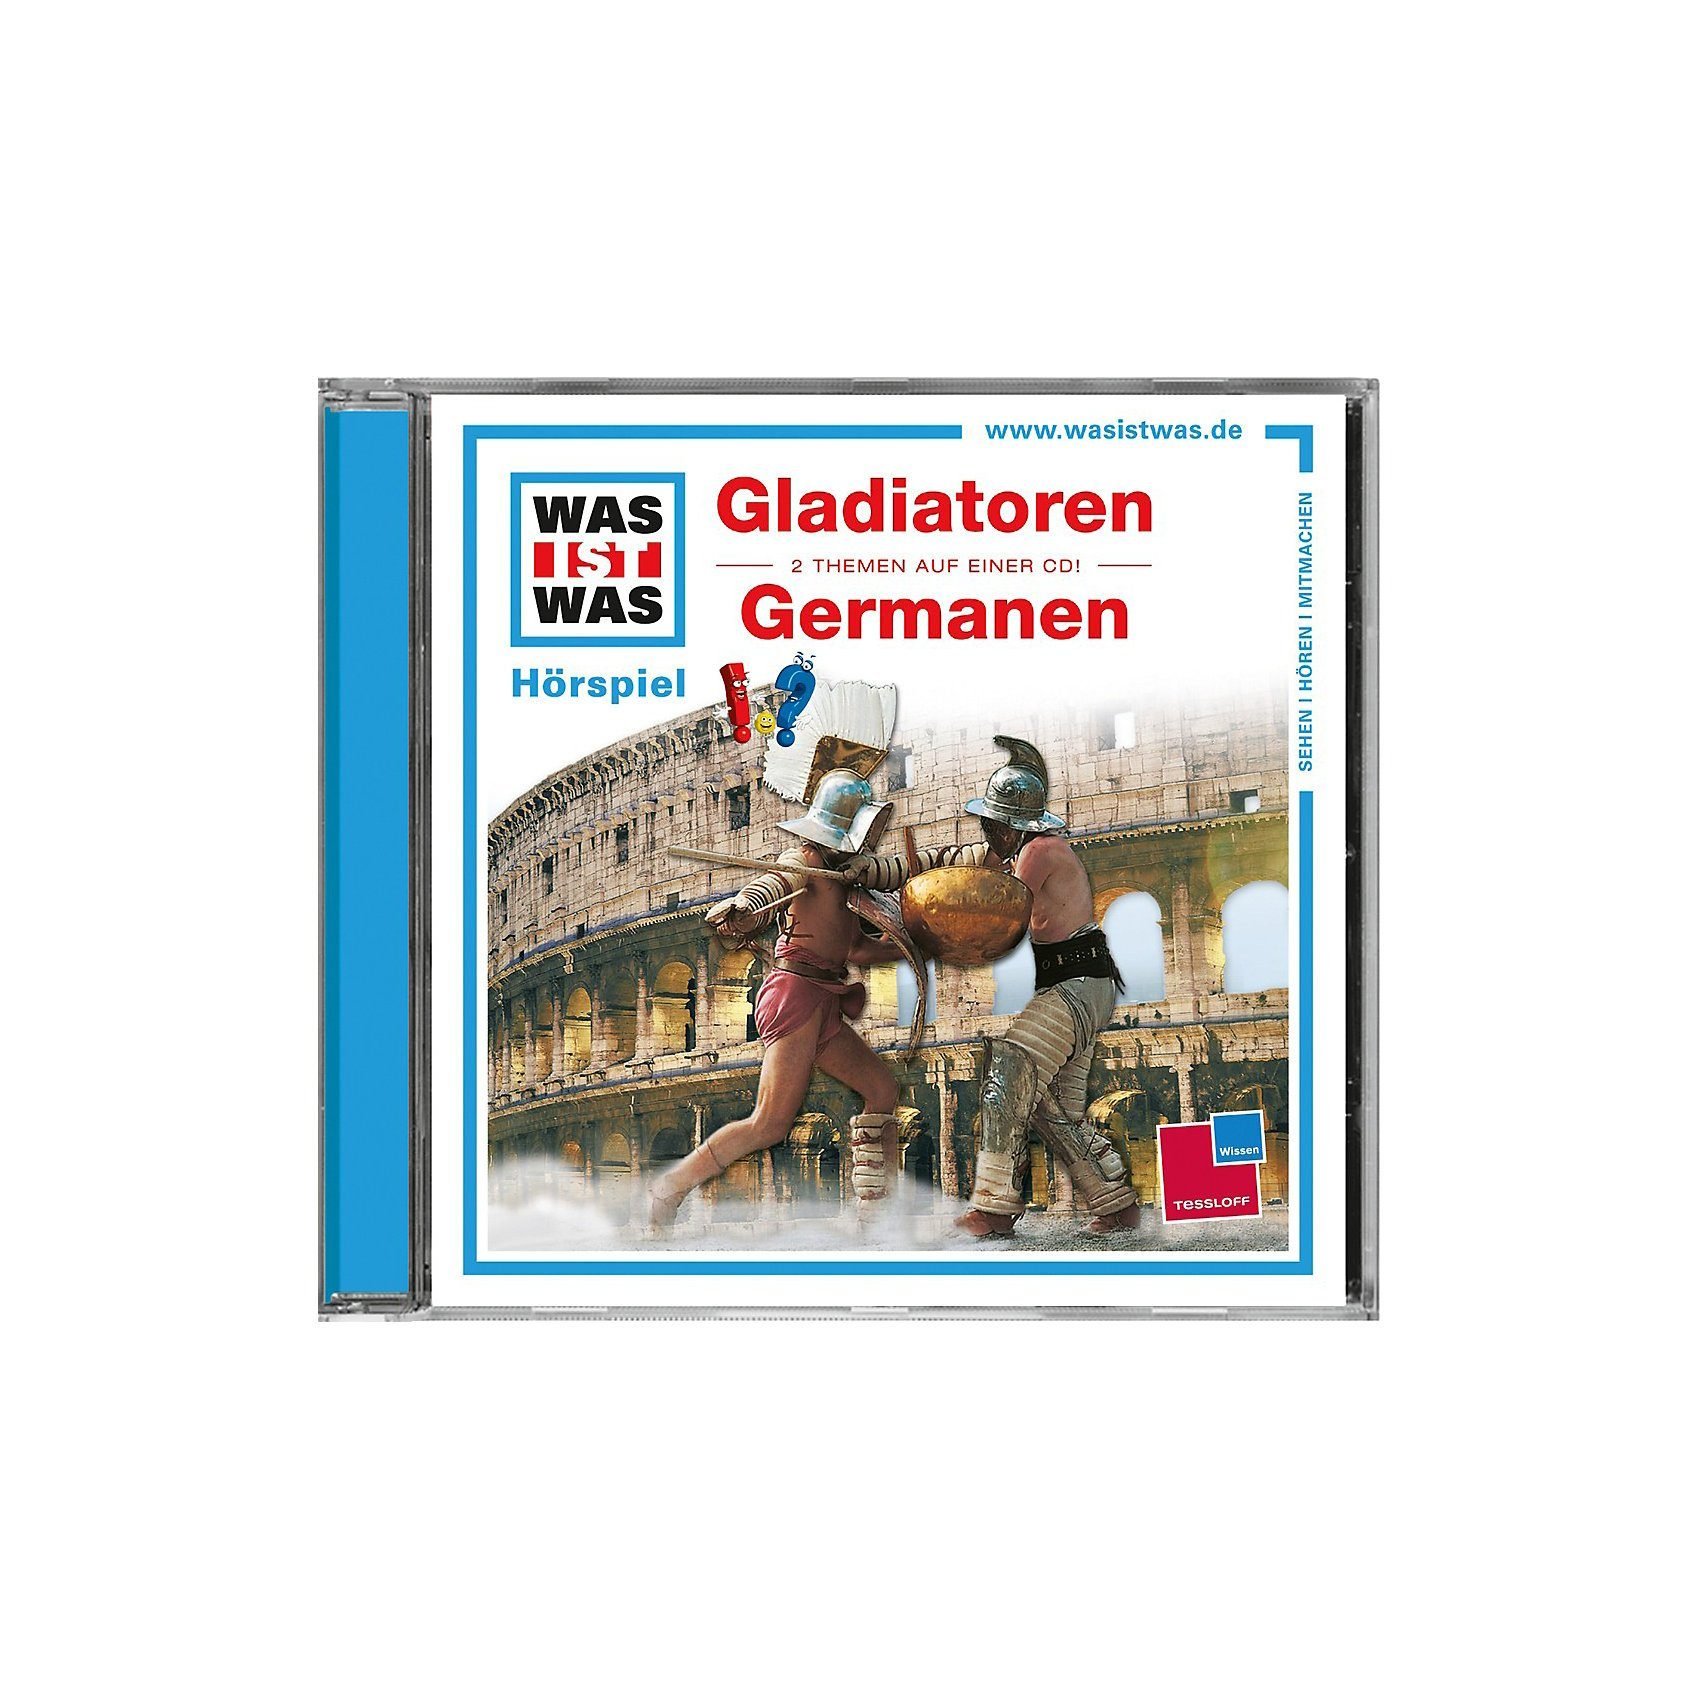 Universal Was ist Was 21 - Gladiatoren/Germanen